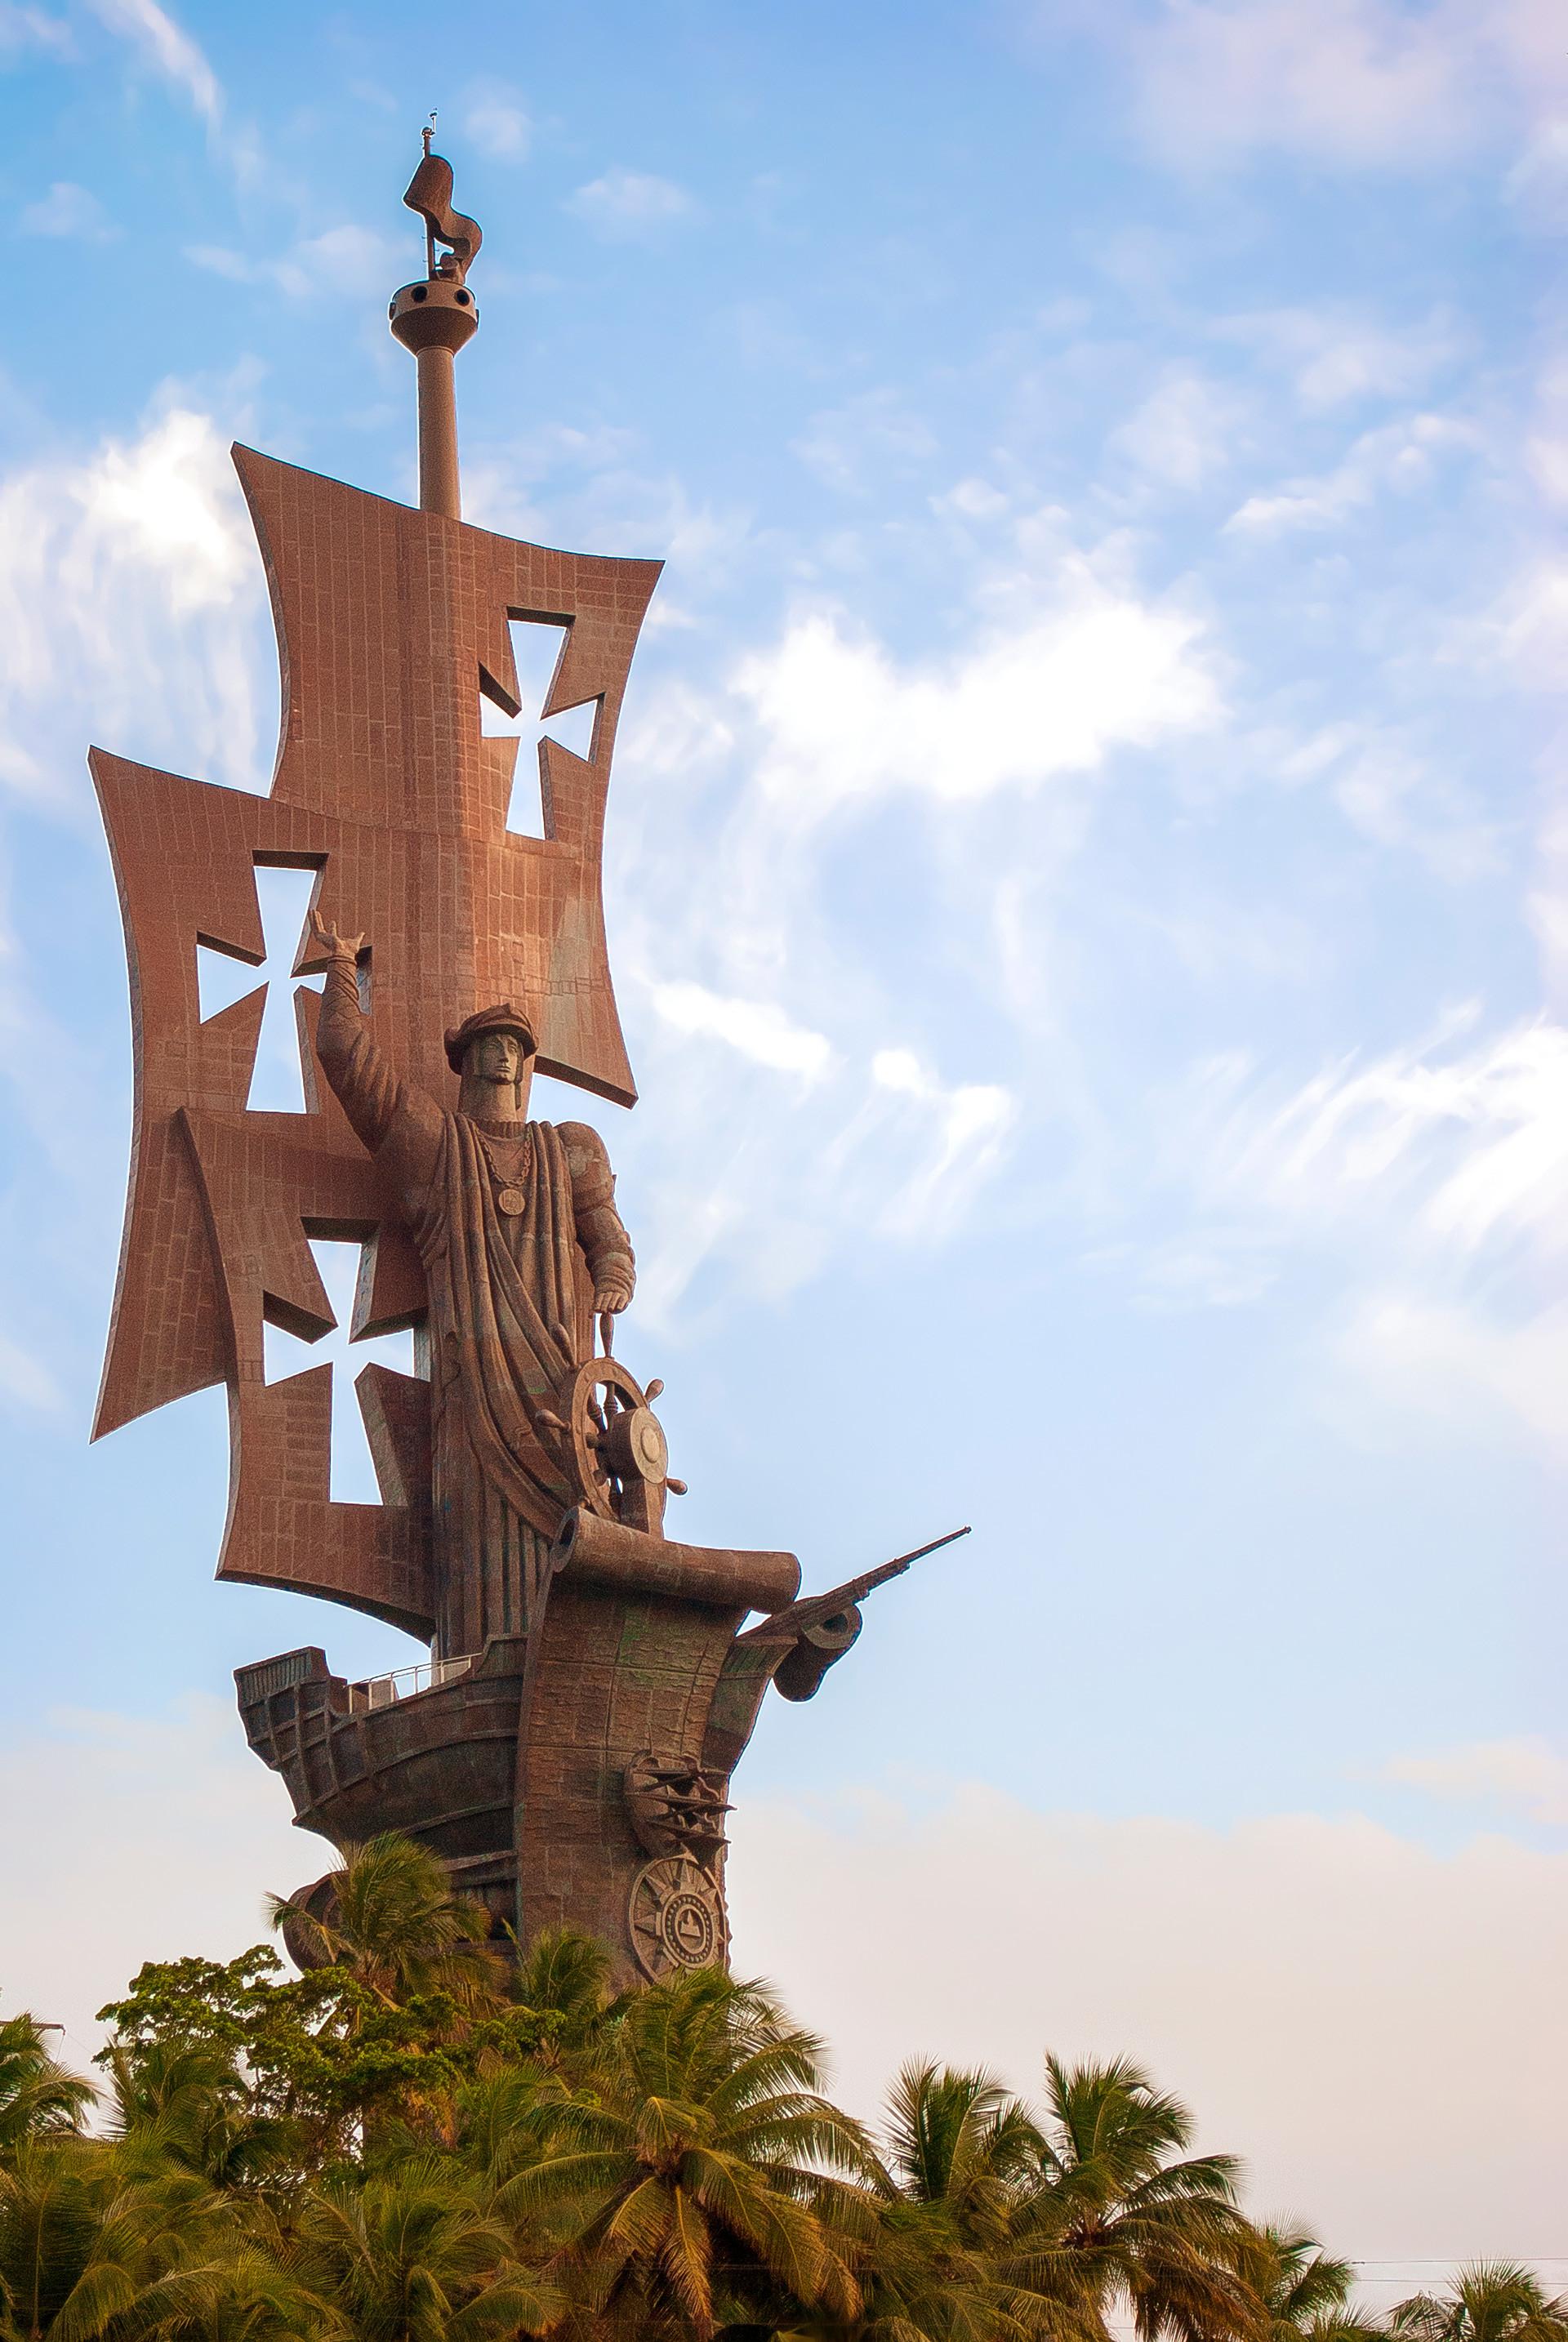 Kolumbusstatue in Puerto Rico